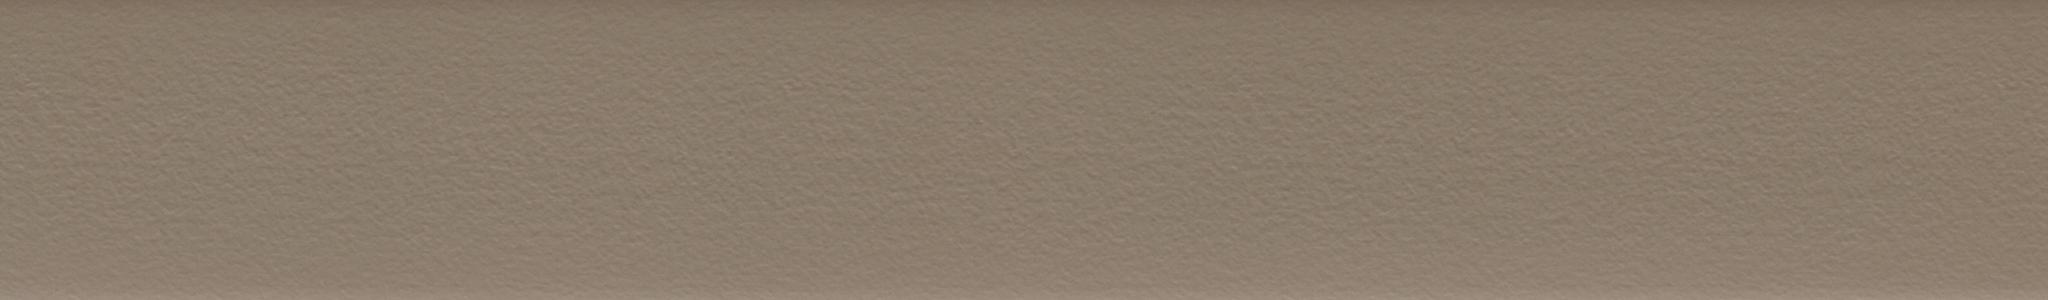 HU 180174 ABS hrana hnědá perla jemná 107